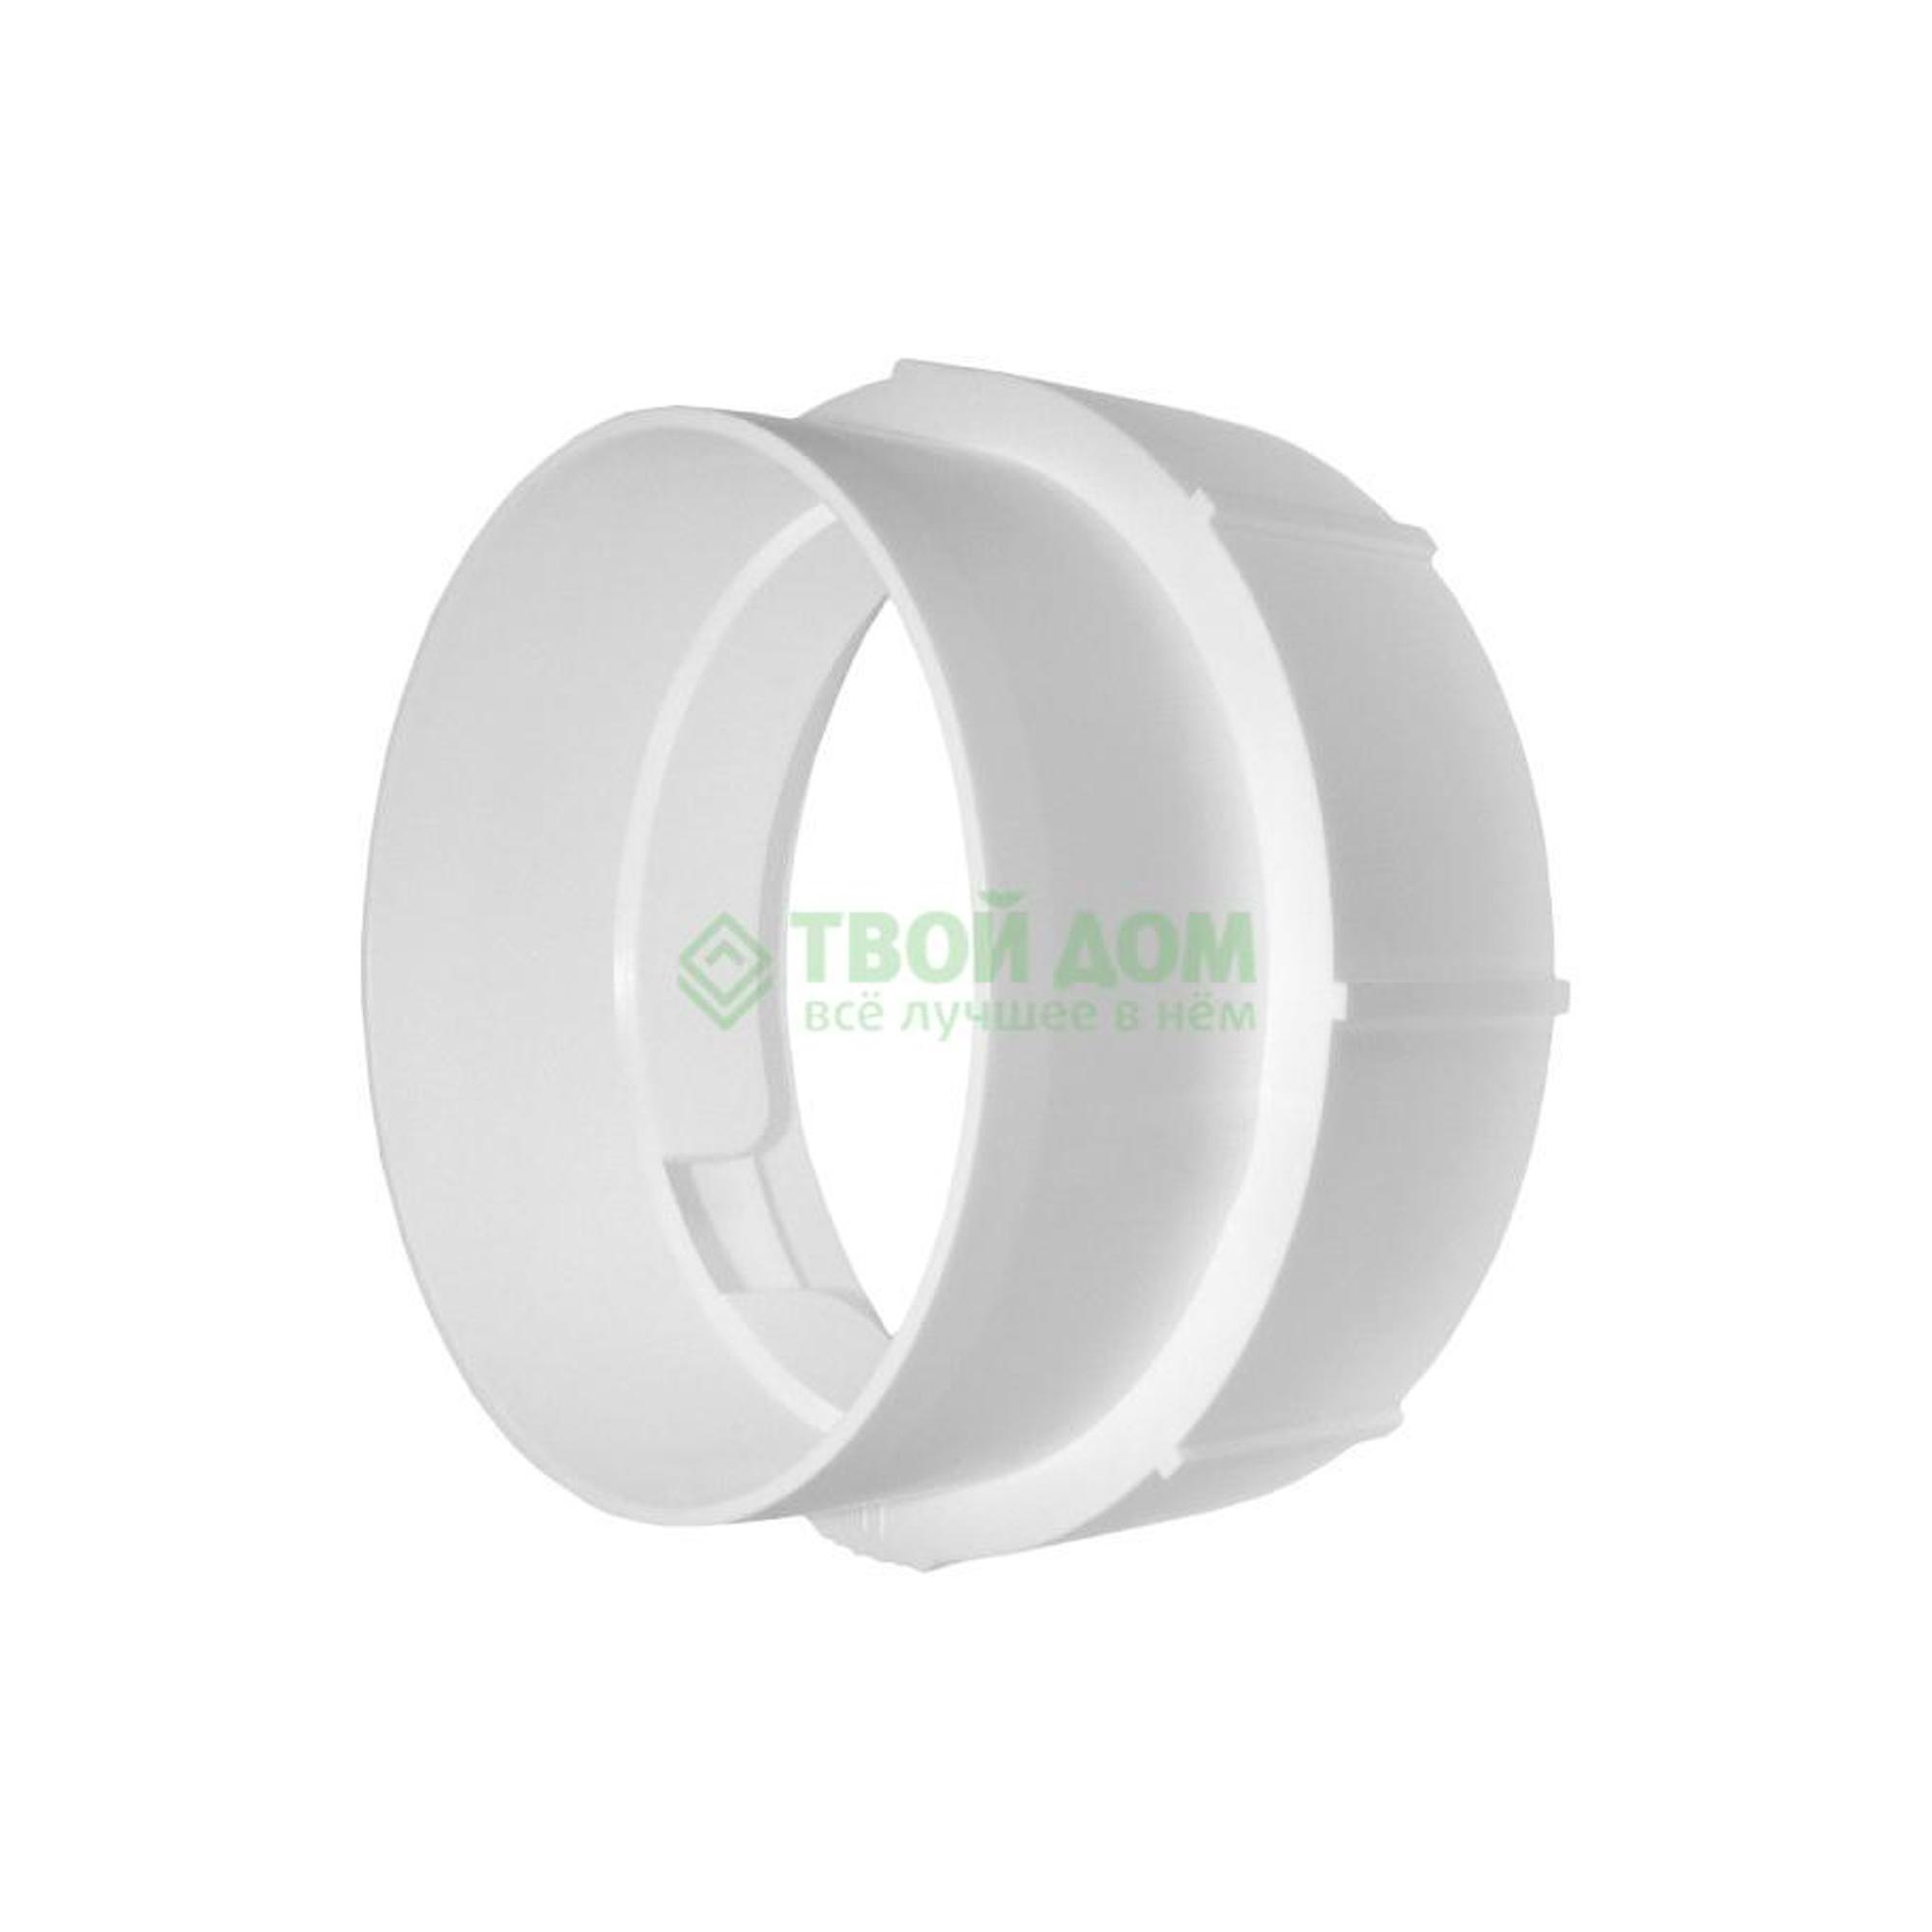 Купить Соединитель Вентс 1215 D=100ММ, соединитель, Украина, пластик